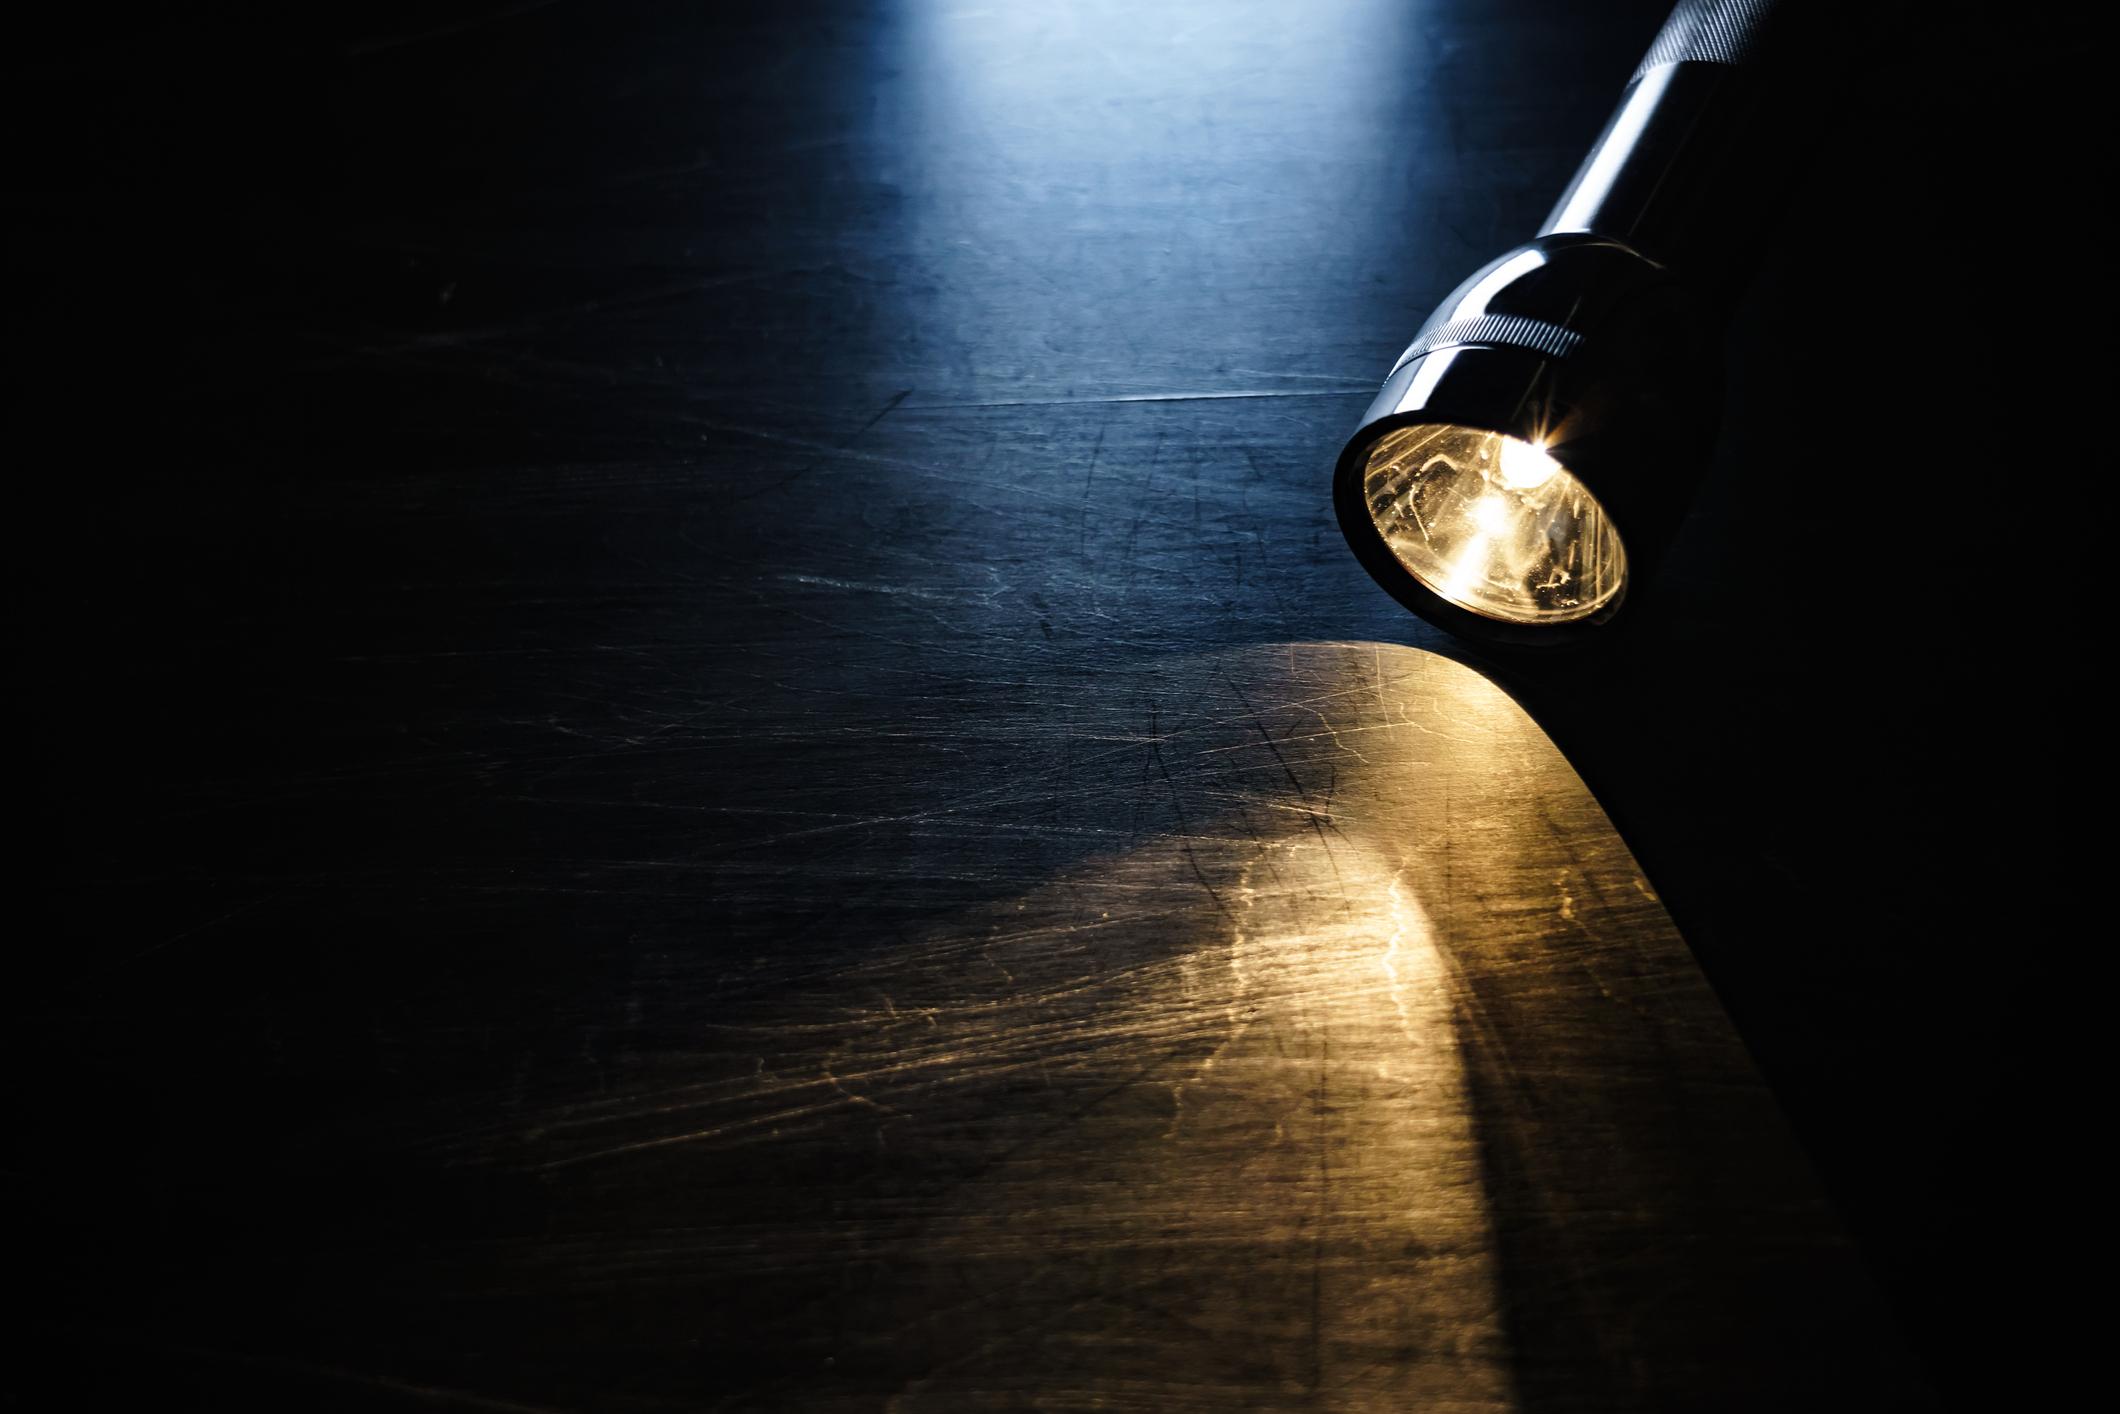 Първите снимки са на предмети, които са нужни за вашата безопасност в дома. На първо място е фенерче.